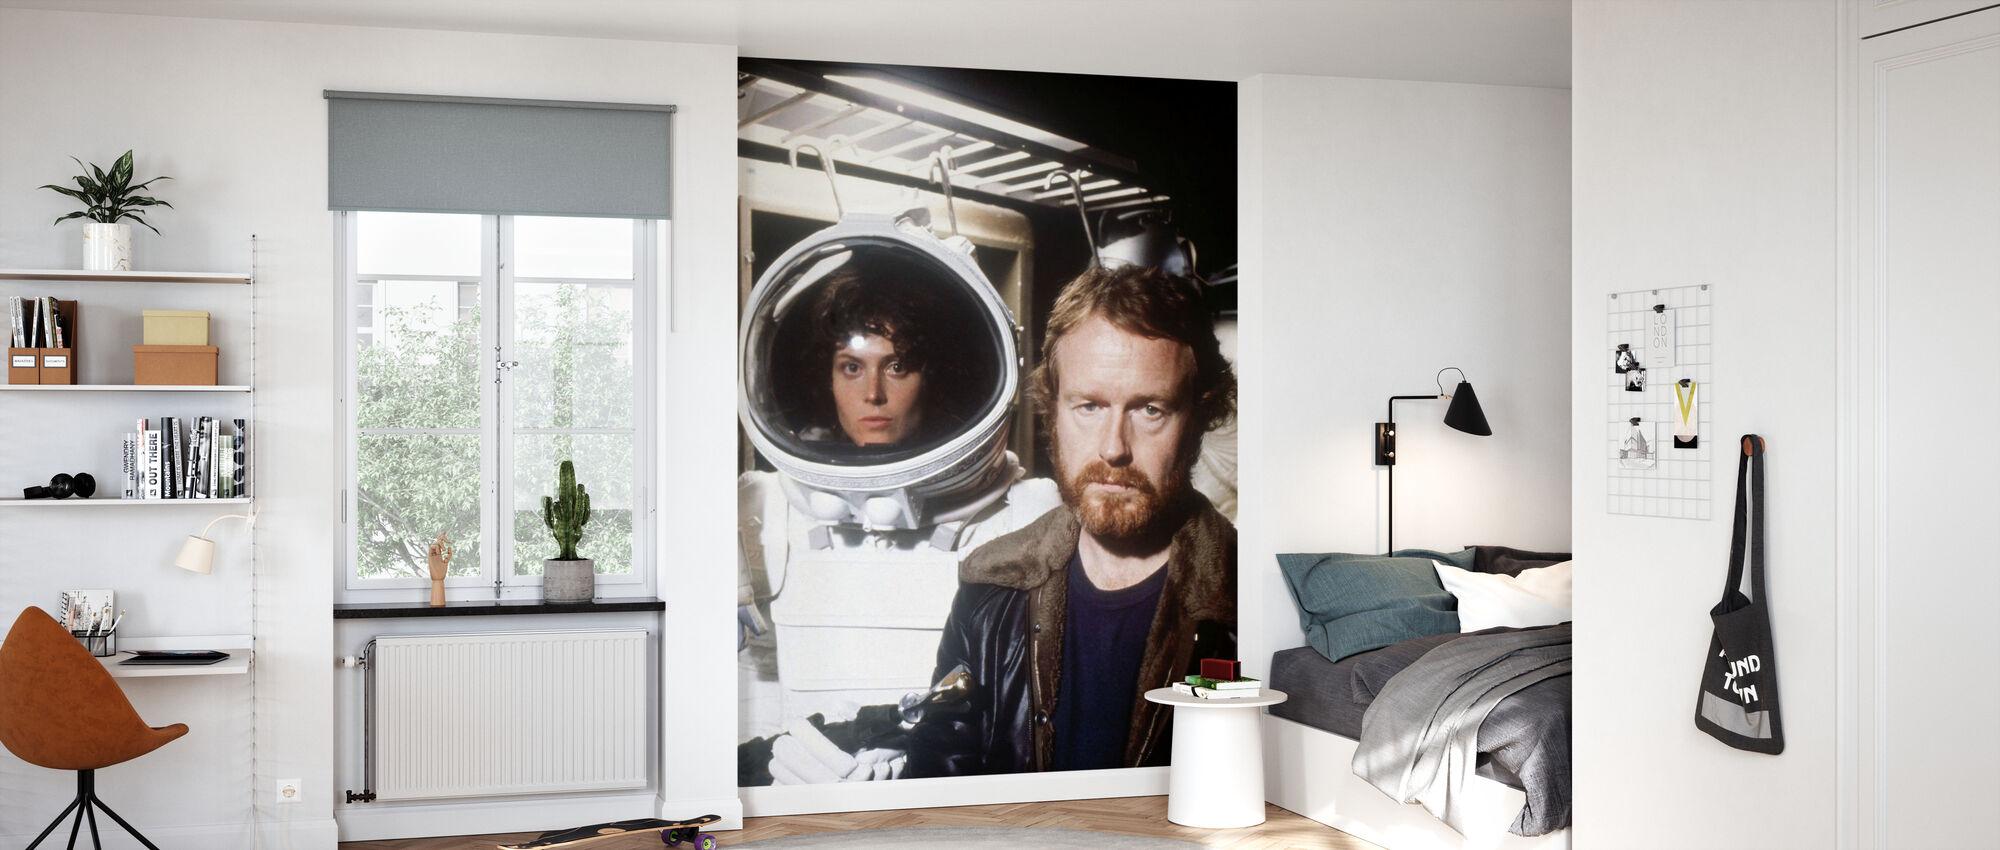 Främmande rymddräkt - Sigourney Weaver och Ridley Scott - Tapet - Barnrum